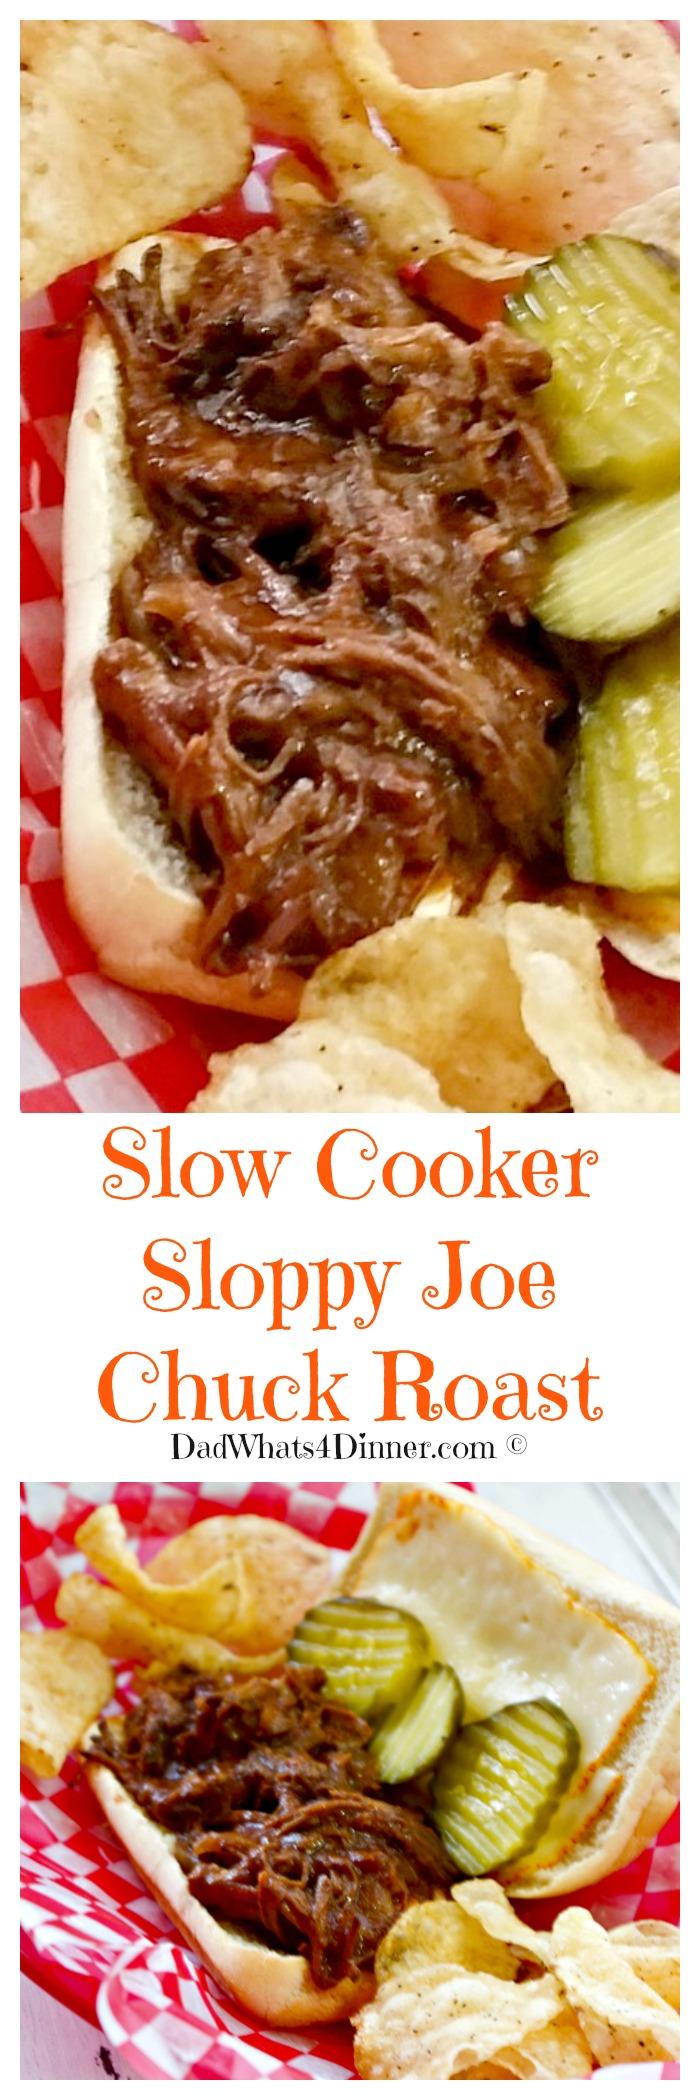 Sloppy Joe Chuck Roast in the Slow Cooker is a 4 ingredient slow cooker twist on the traditional sloppy Joe sandwich that your family will love. #slowcooker #crockpot #sloppy-joe #dinner #easy #kid-friendly www.dadwhats4dinner.com